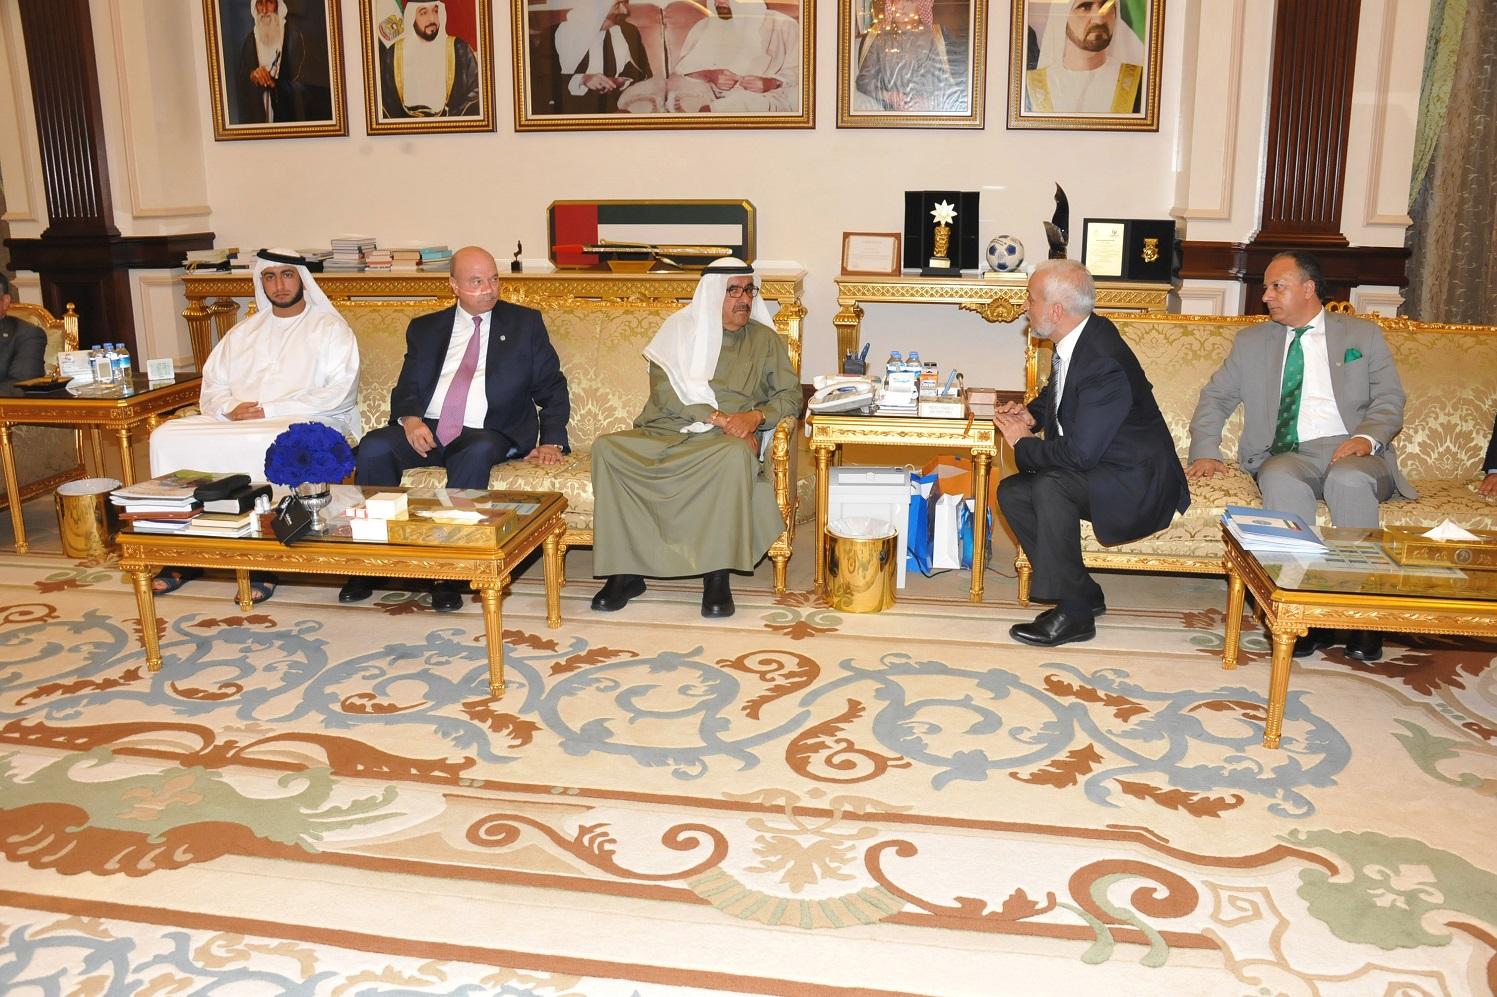 الأمير حمدان بن راشد يستقبل رئيس مجلسالأعيانالأردني